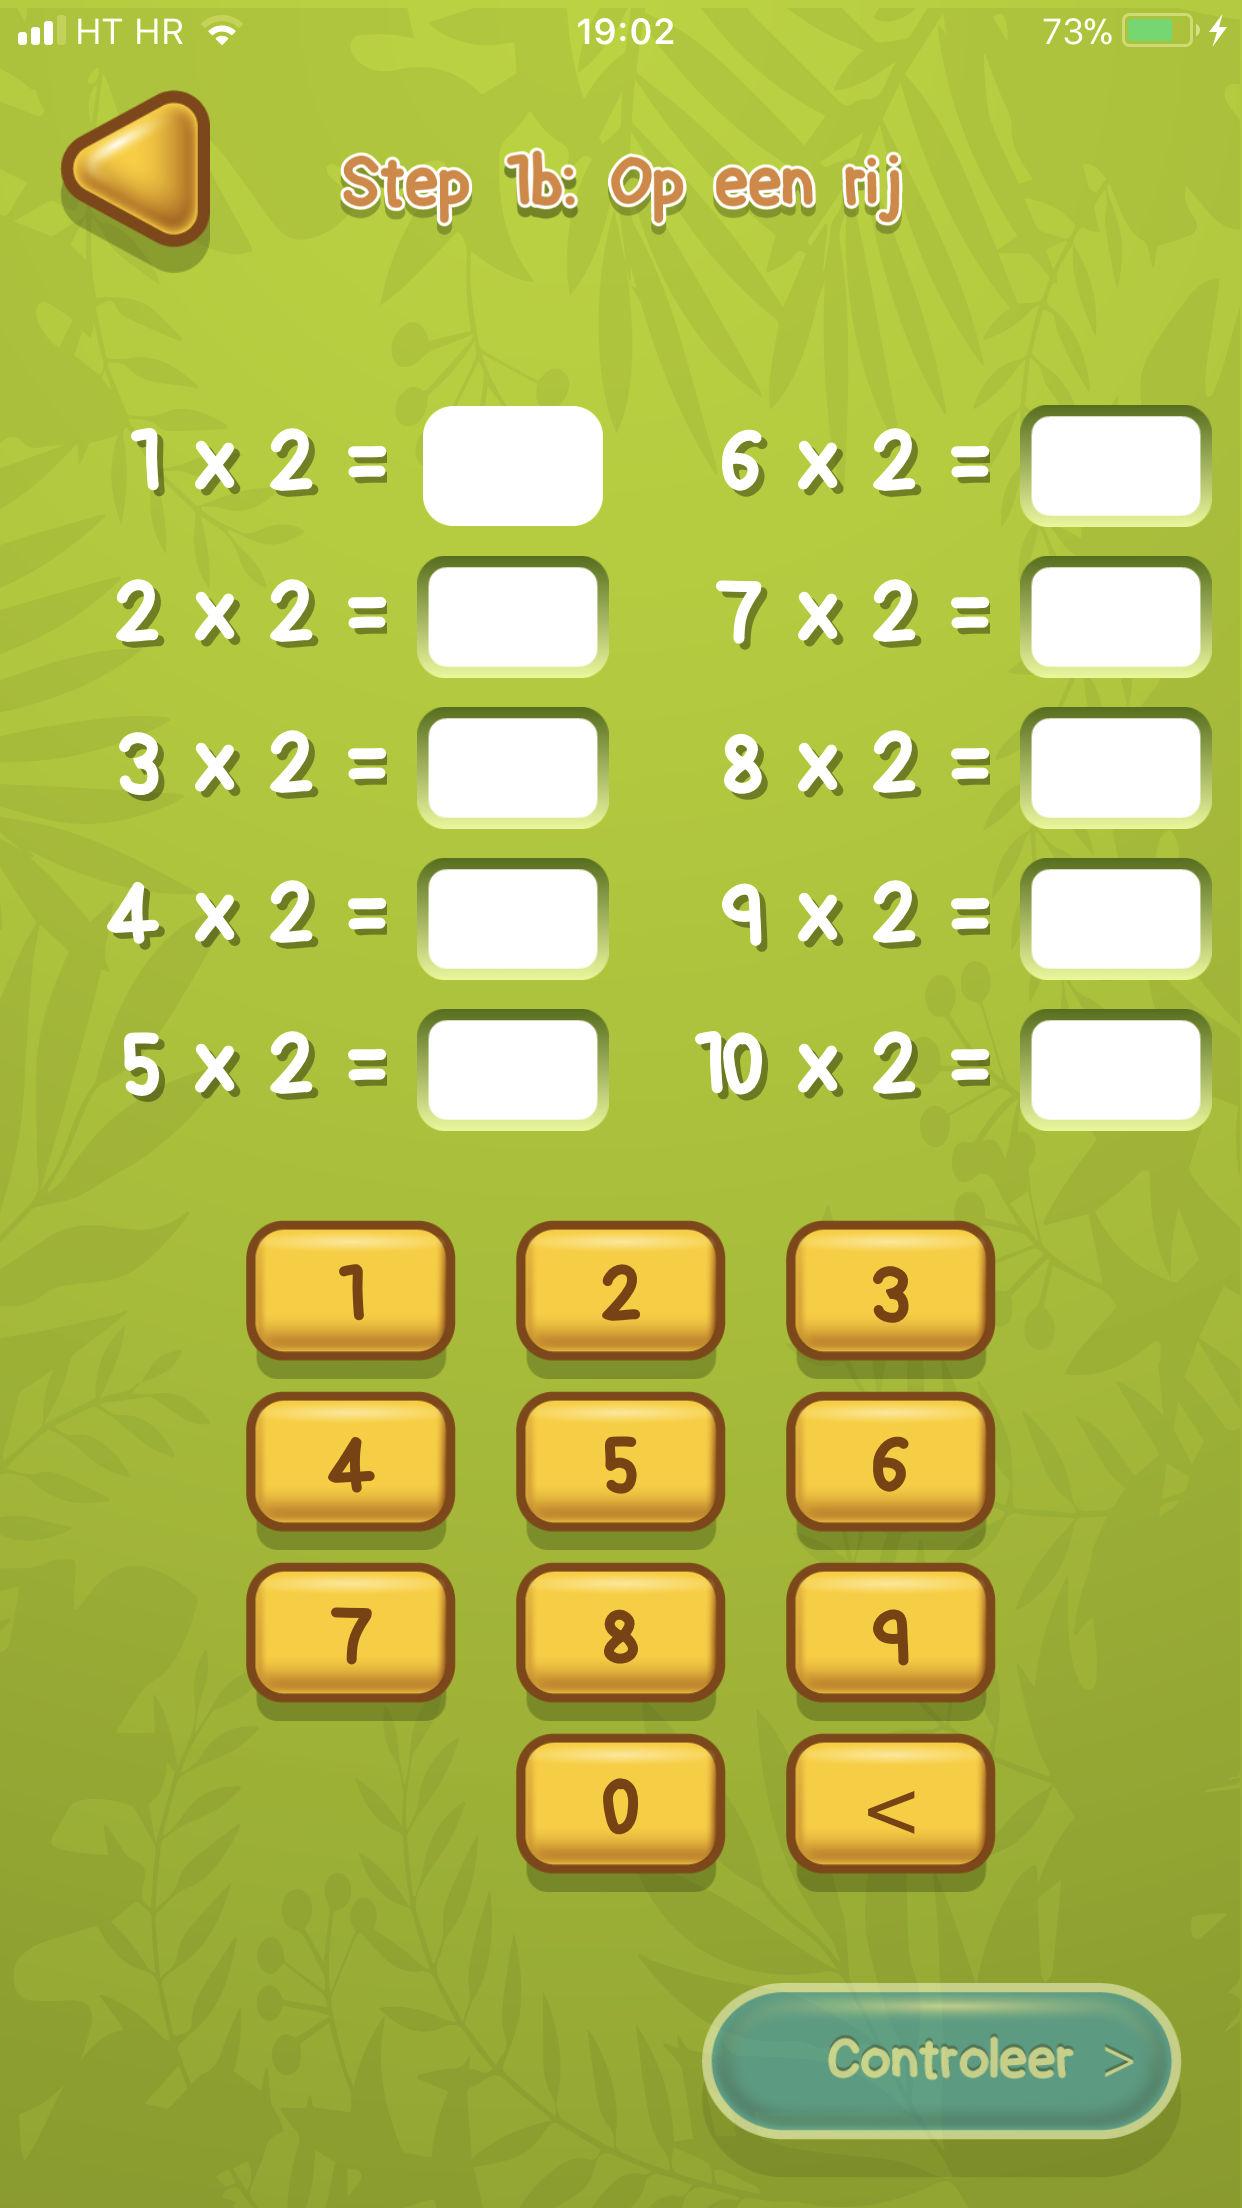 tafels oefenen app voorbeeld 3